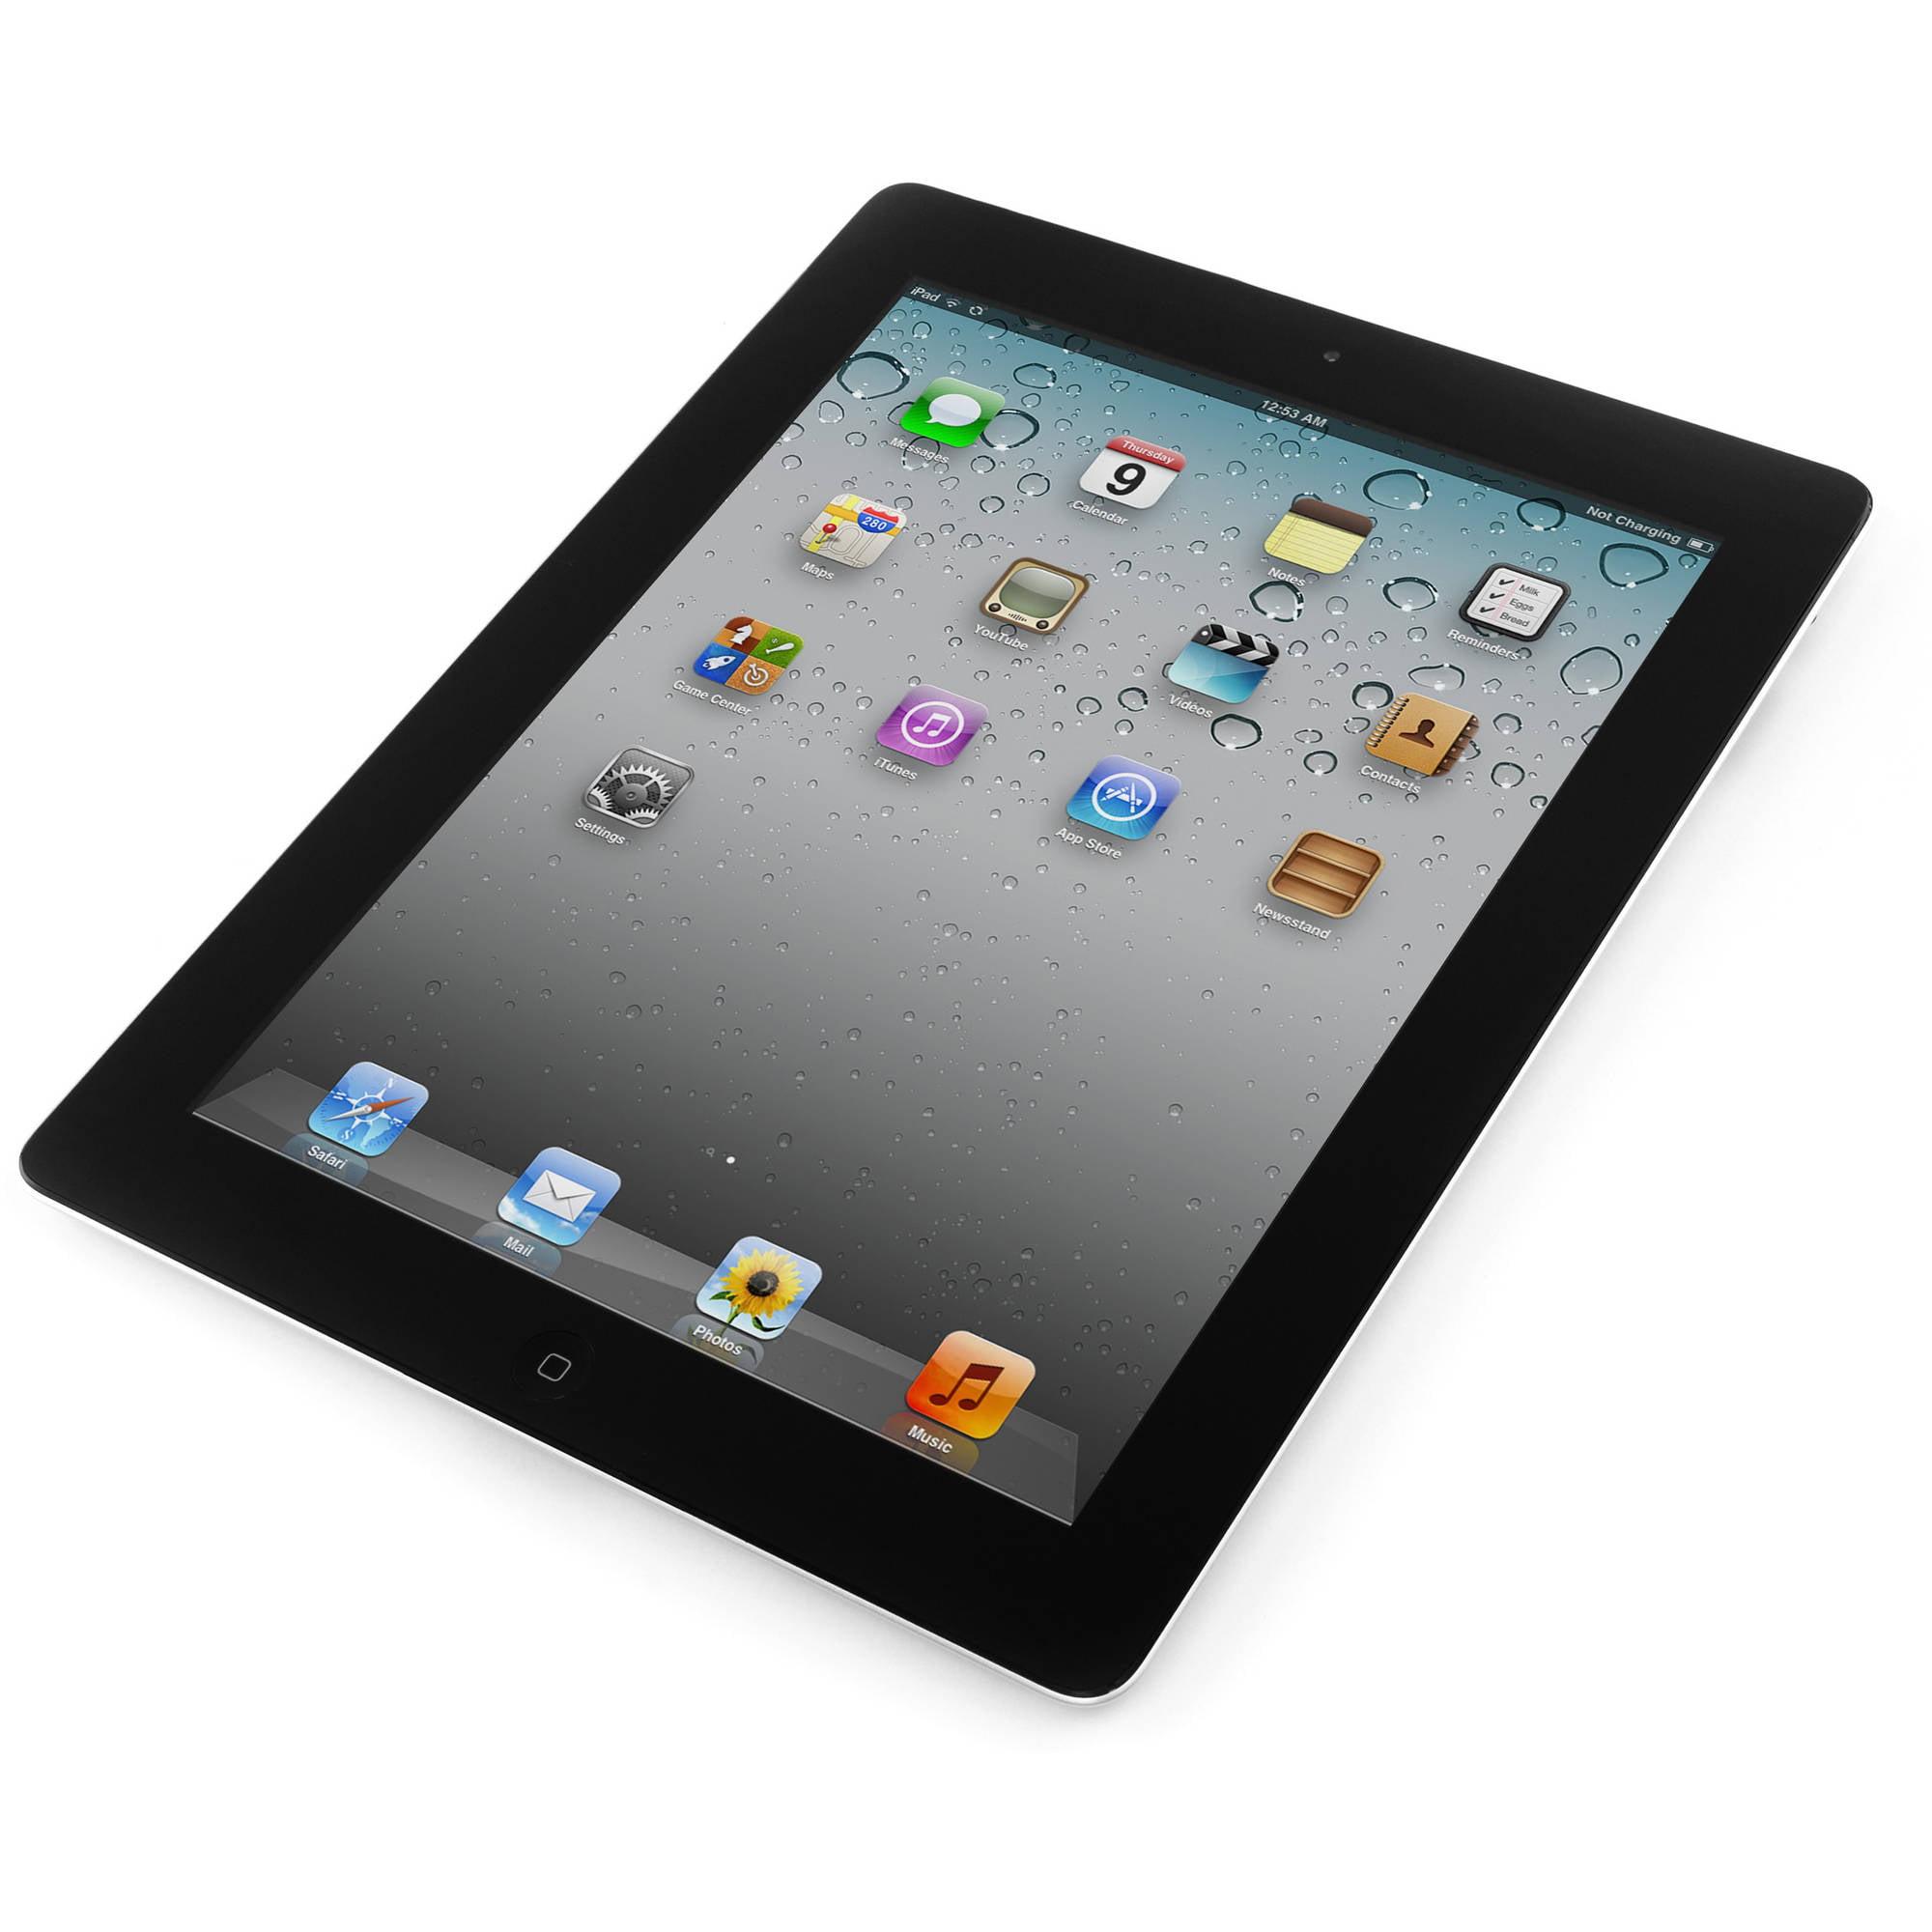 Apple iPad 4 16GB Wi-Fi Refurbished